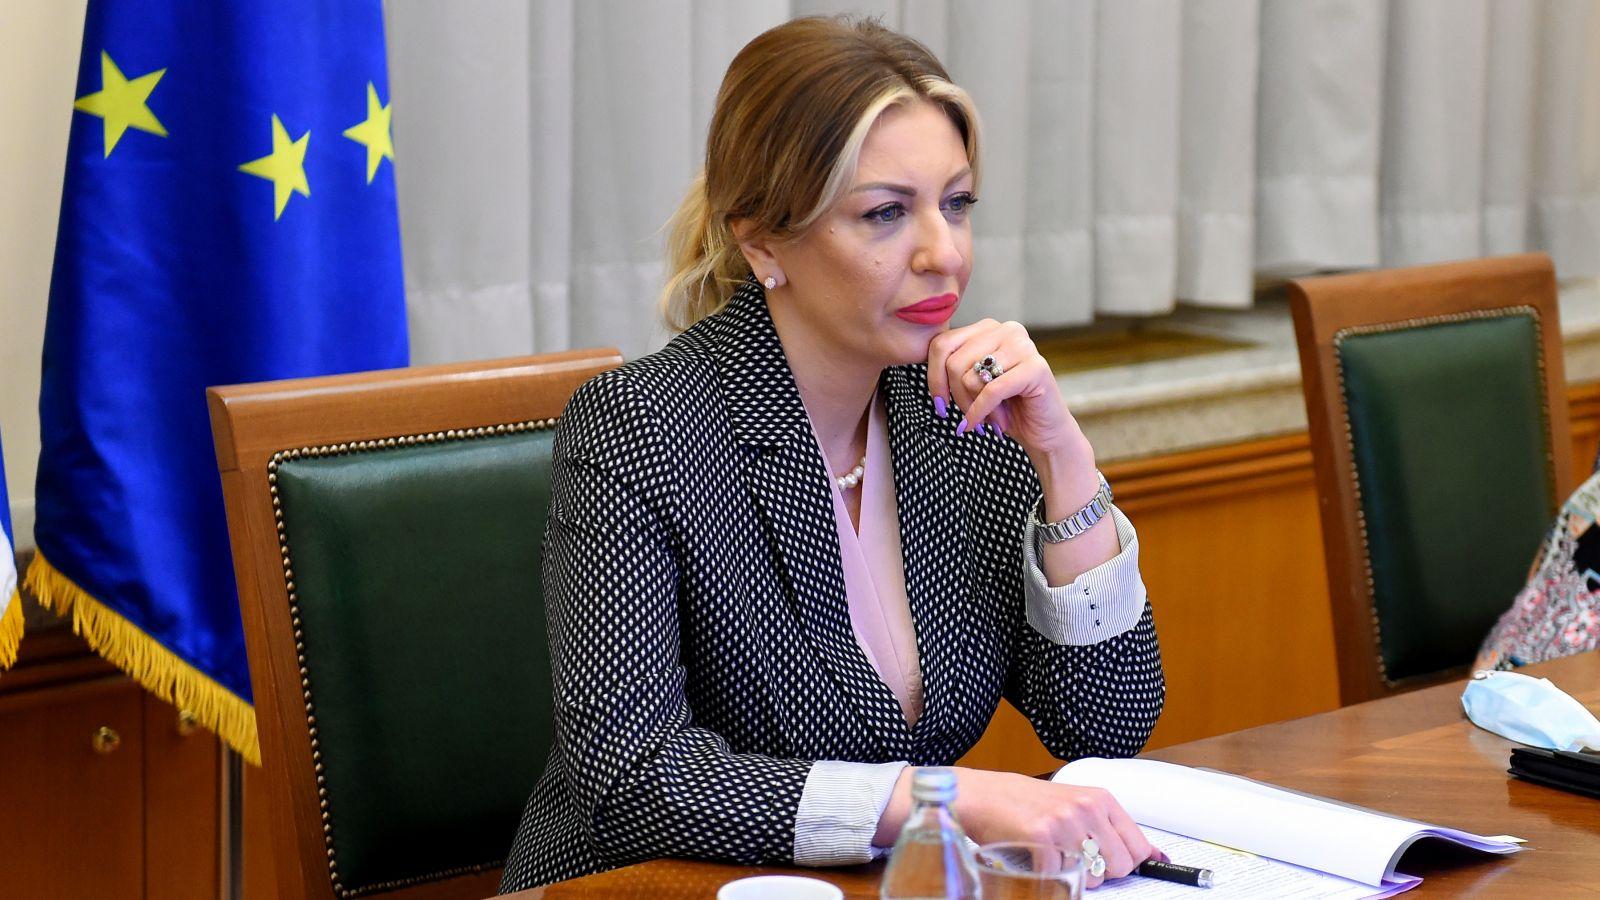 J. Joksimović: Serbia's membership will additionally revitalise the EU